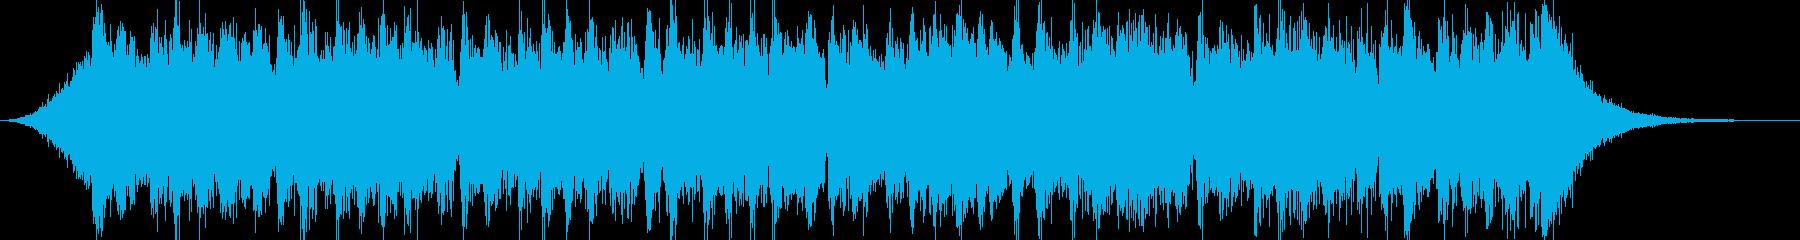 企業VPや映像33、壮大、オーケストラcの再生済みの波形